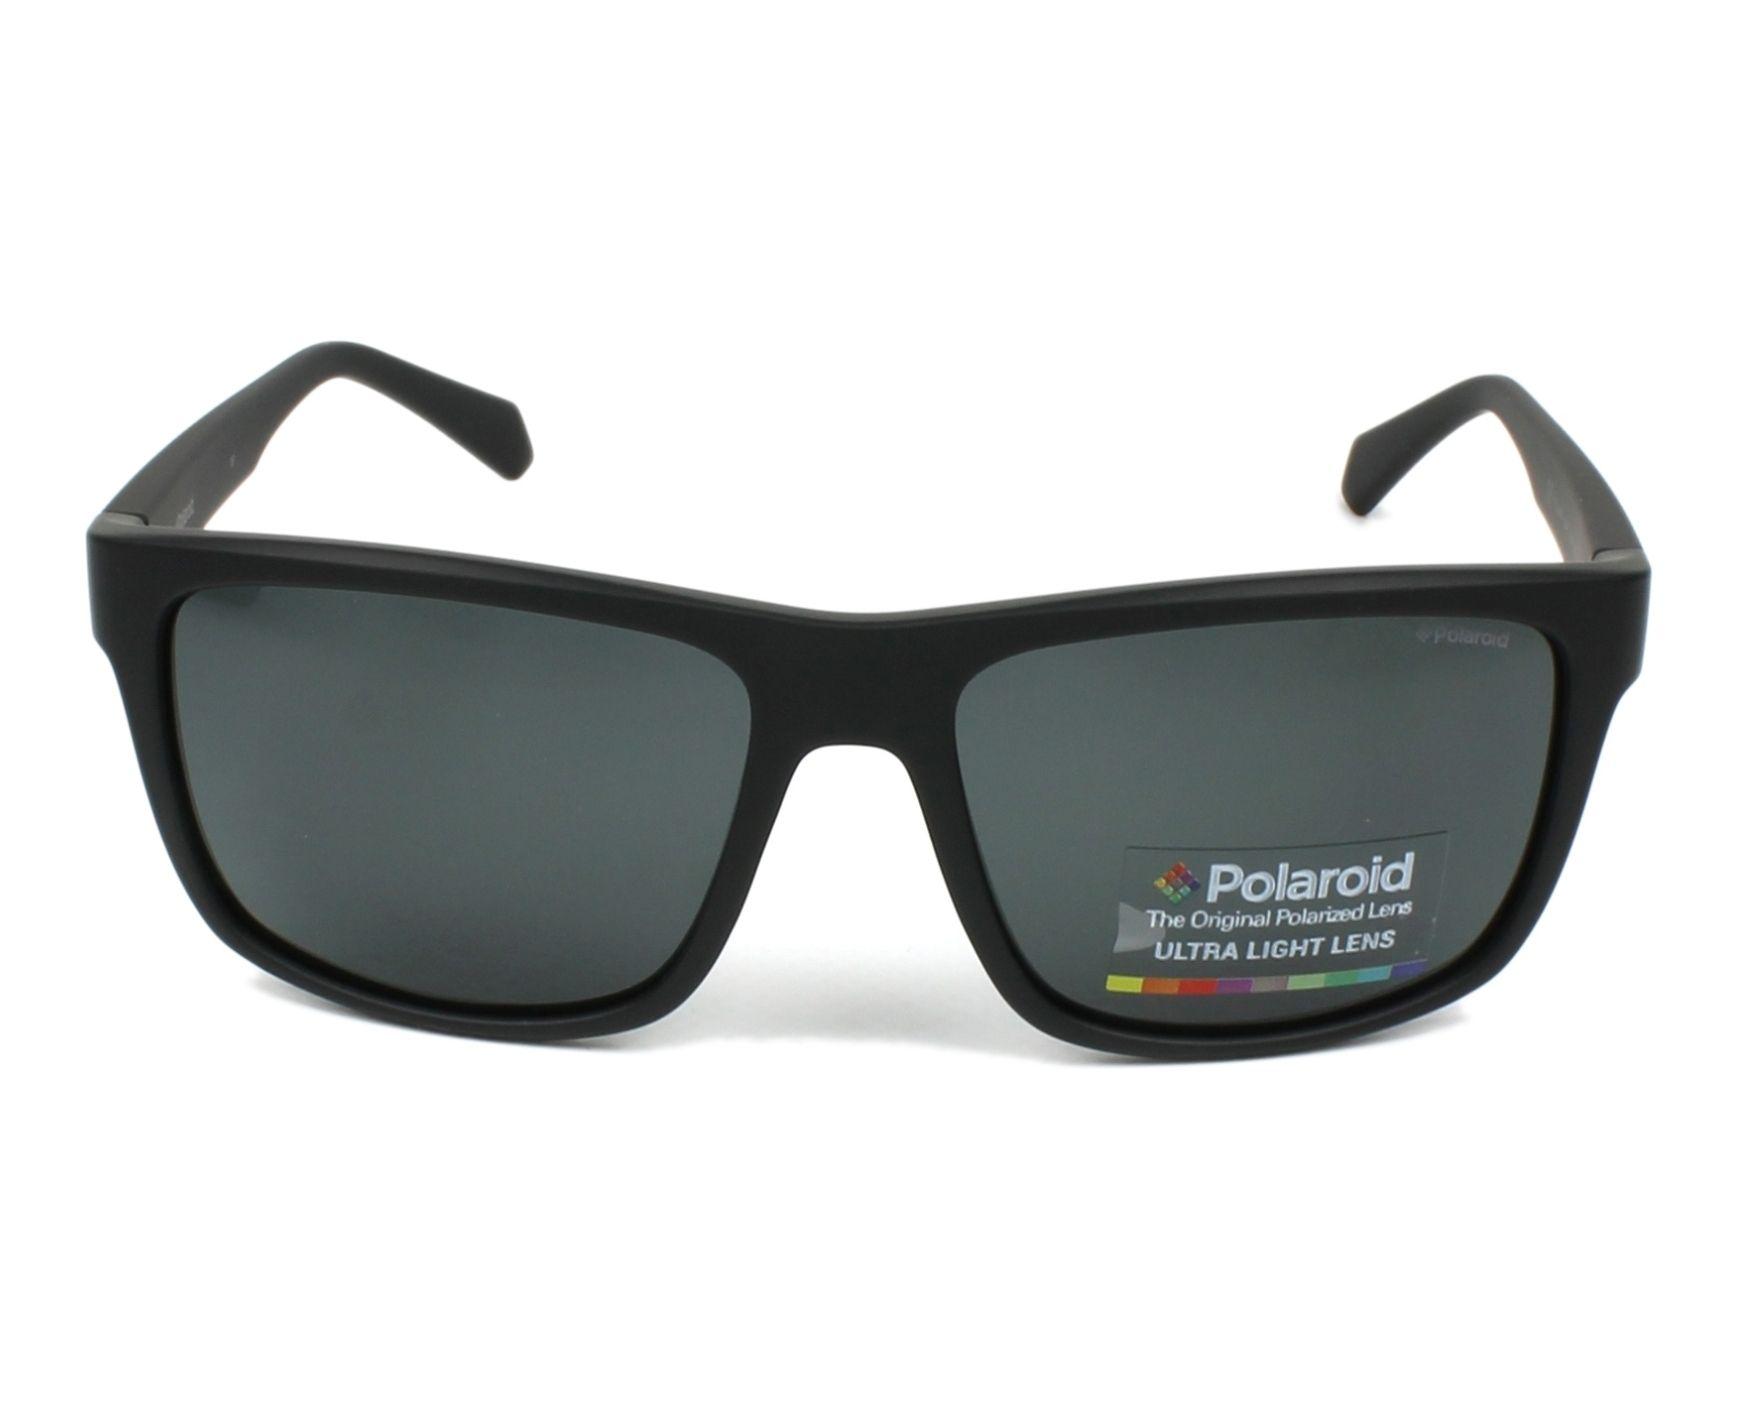 Polaroid Herren Sonnenbrille » PLD 2058/S«, schwarz, 003/M9 - schwarz/grau